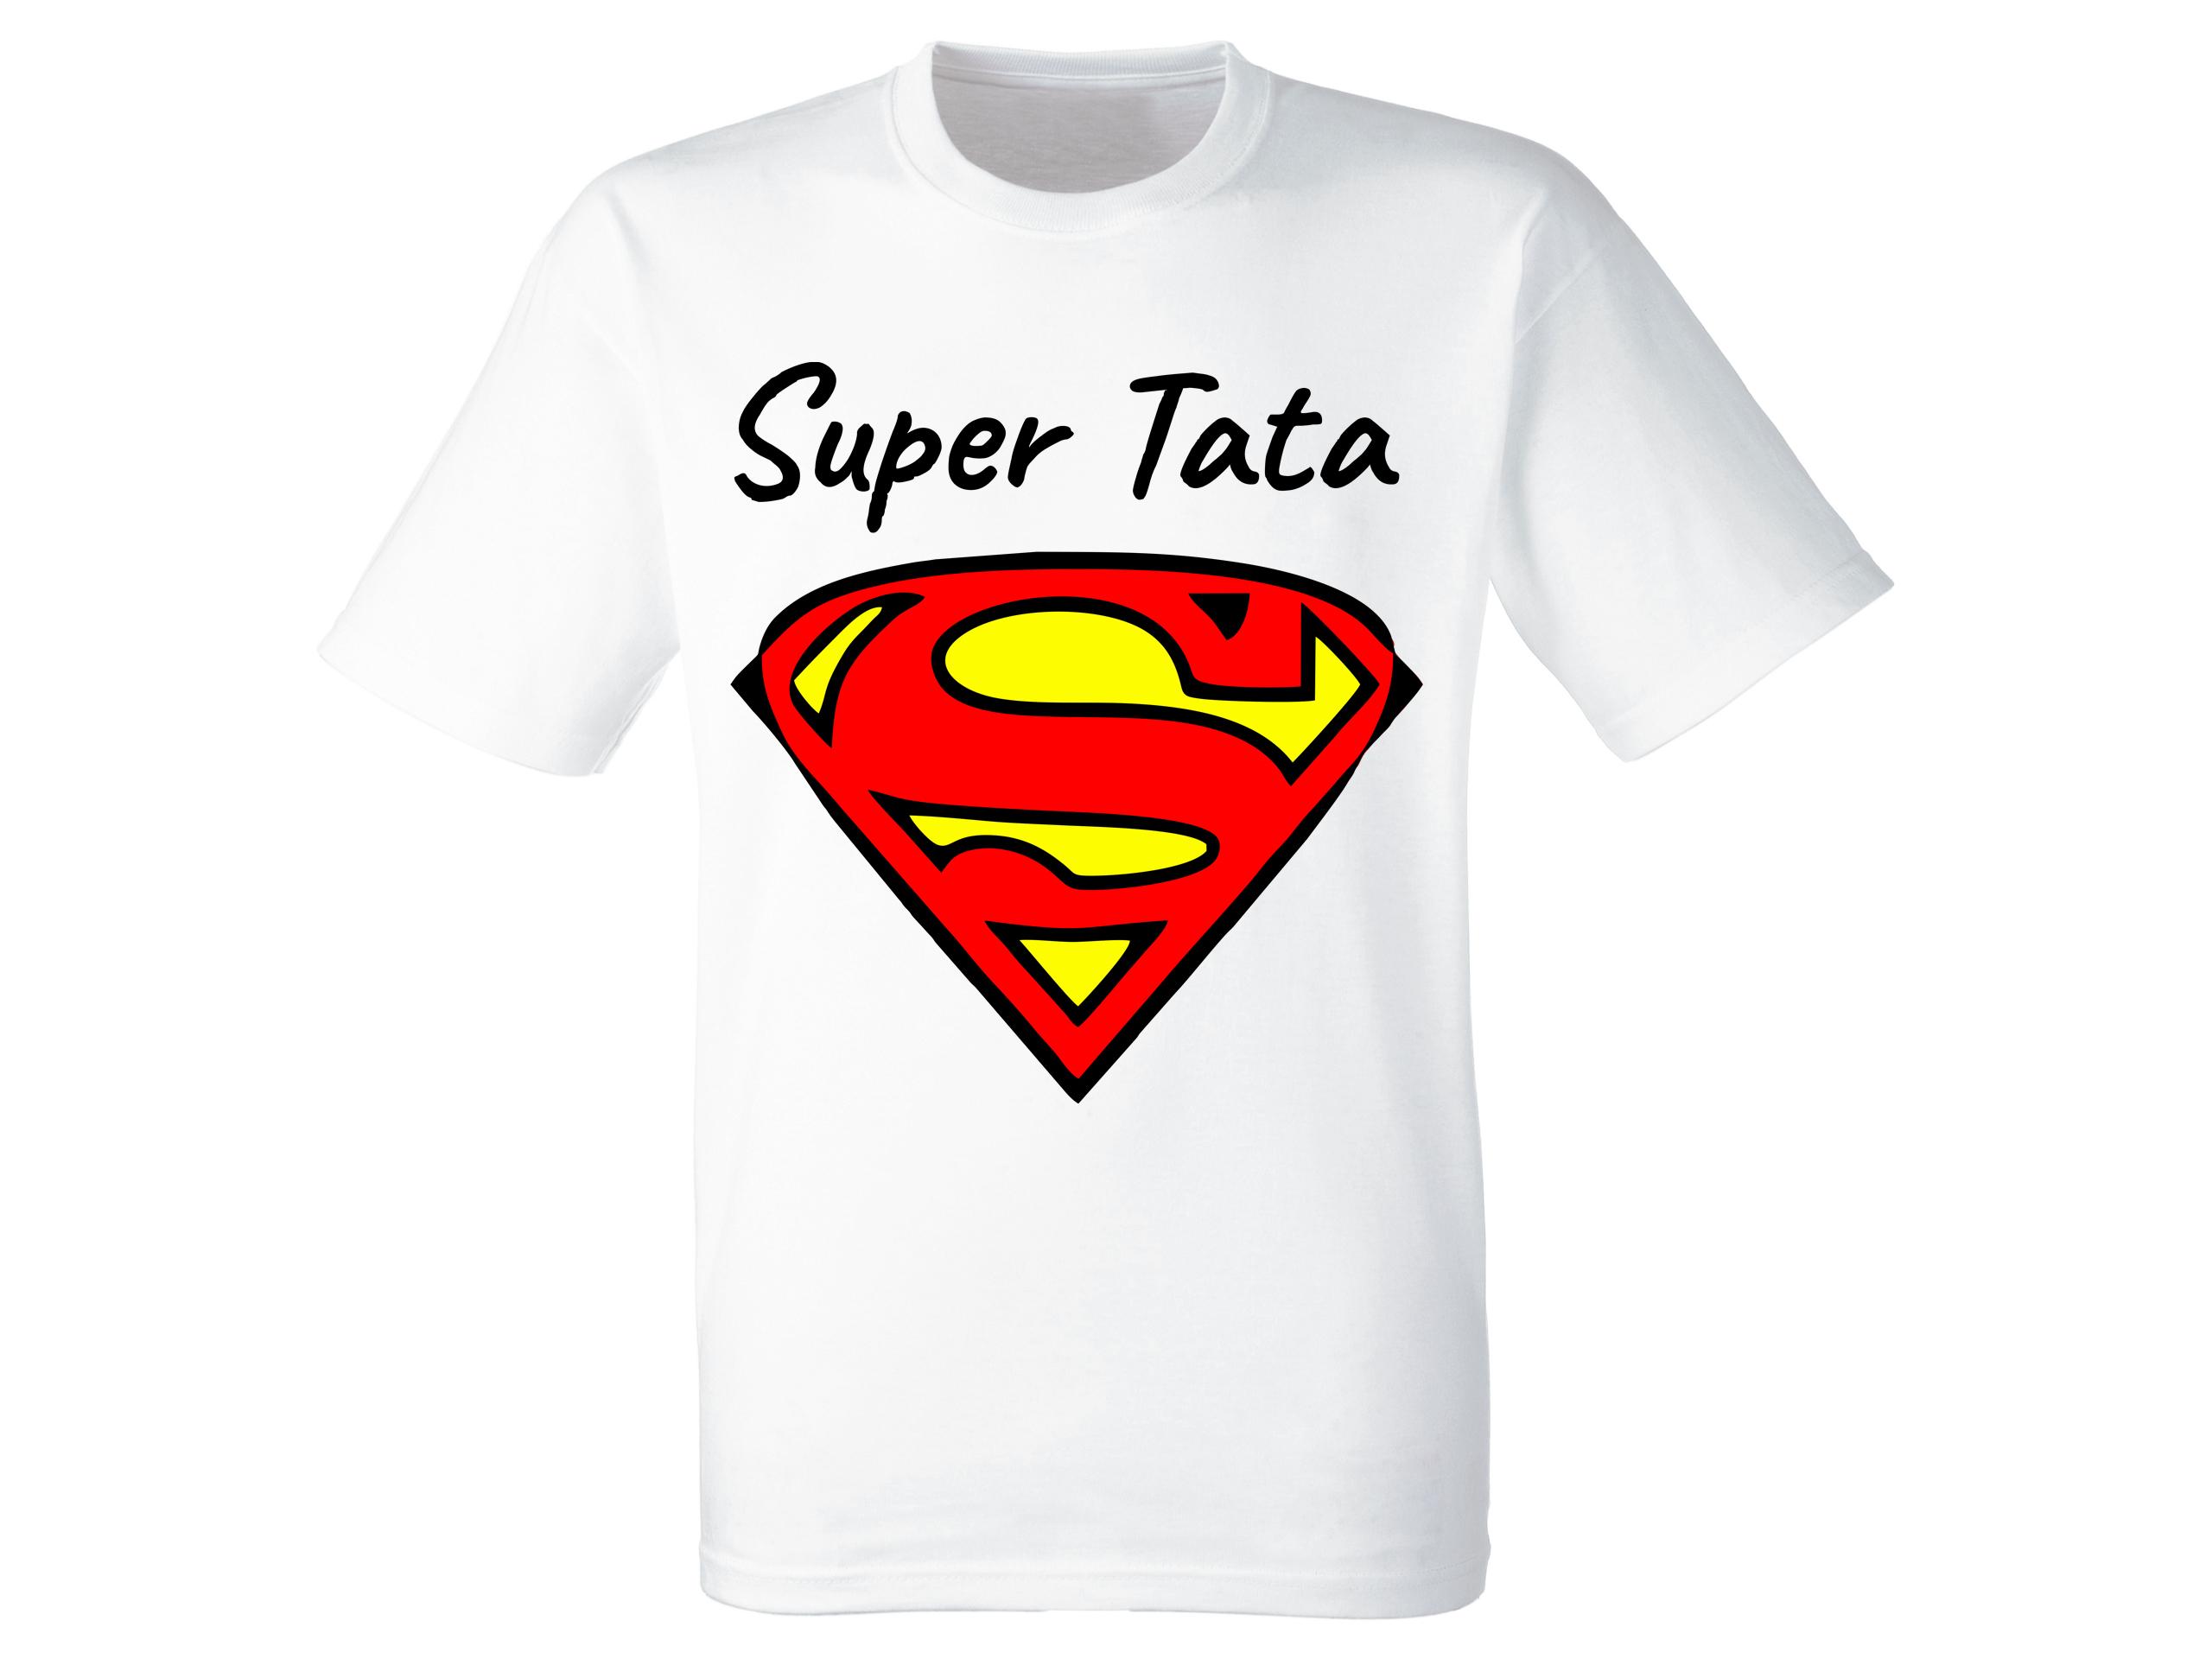 3cfed0142 Koszulka Dzień Ojca Biała Tata Superman Logo 3XL - 7324438109 - oficjalne  archiwum allegro